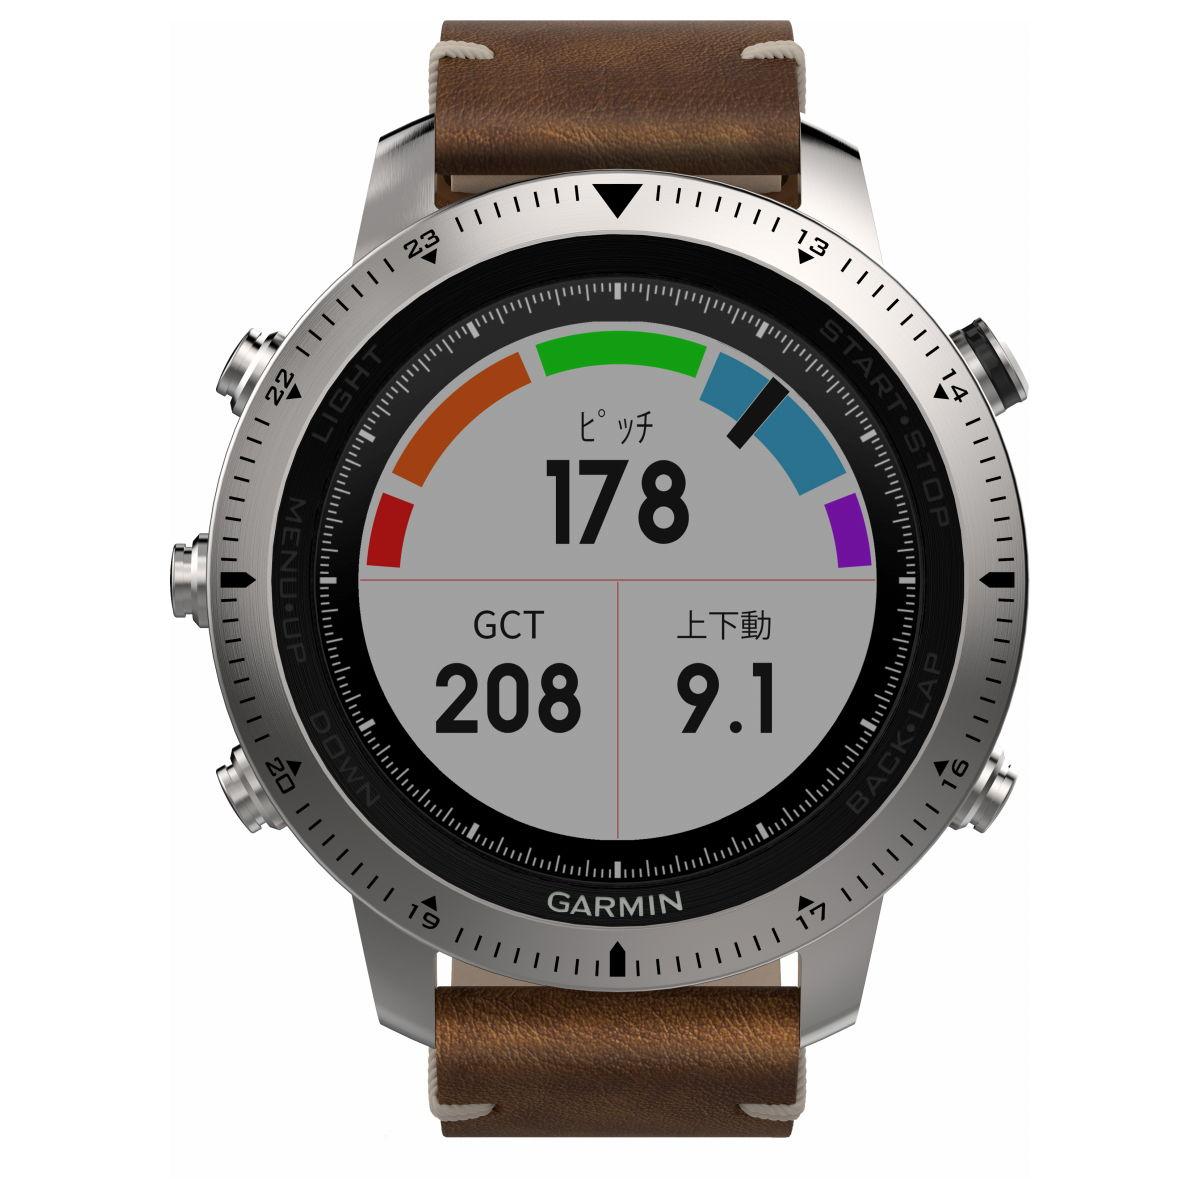 ガーミン GARMIN フェニックスJ fenix j Chronos Urban スマートウォッチ ウェアラブル端末 腕時計 メンズ レディース 010-01957-41